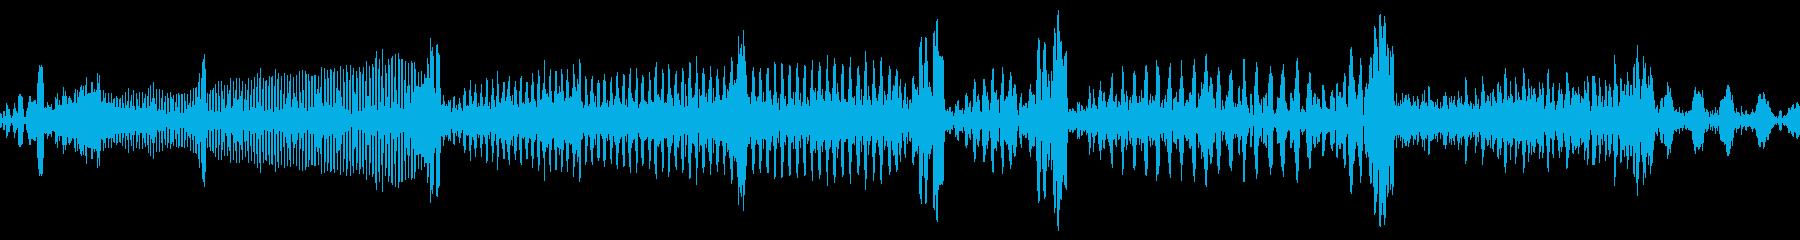 レコードのバックスピン音(DJ)の再生済みの波形